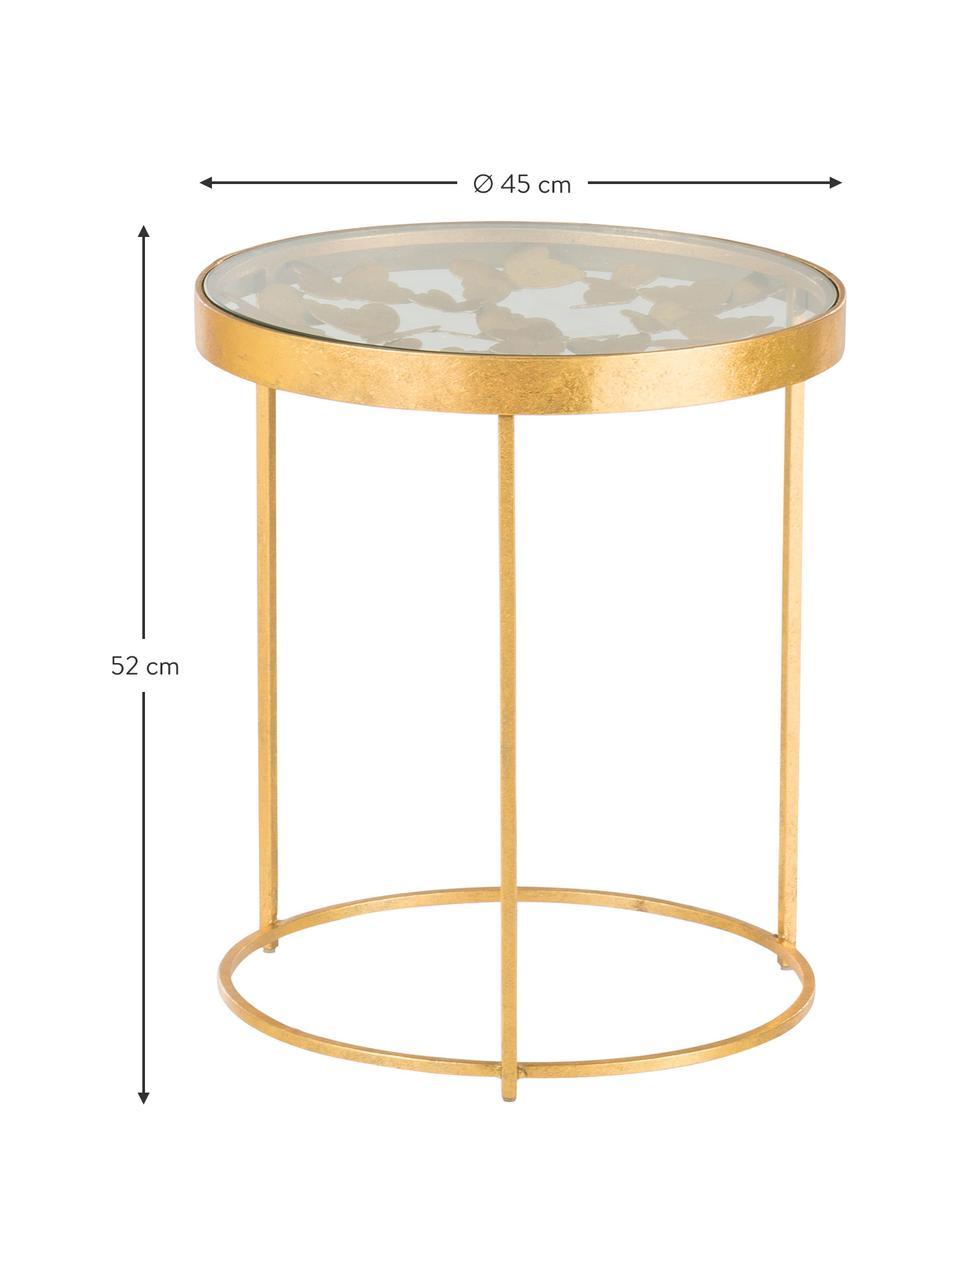 Table d'appoint avec plateau en verre Butterfly, Couleur dorée